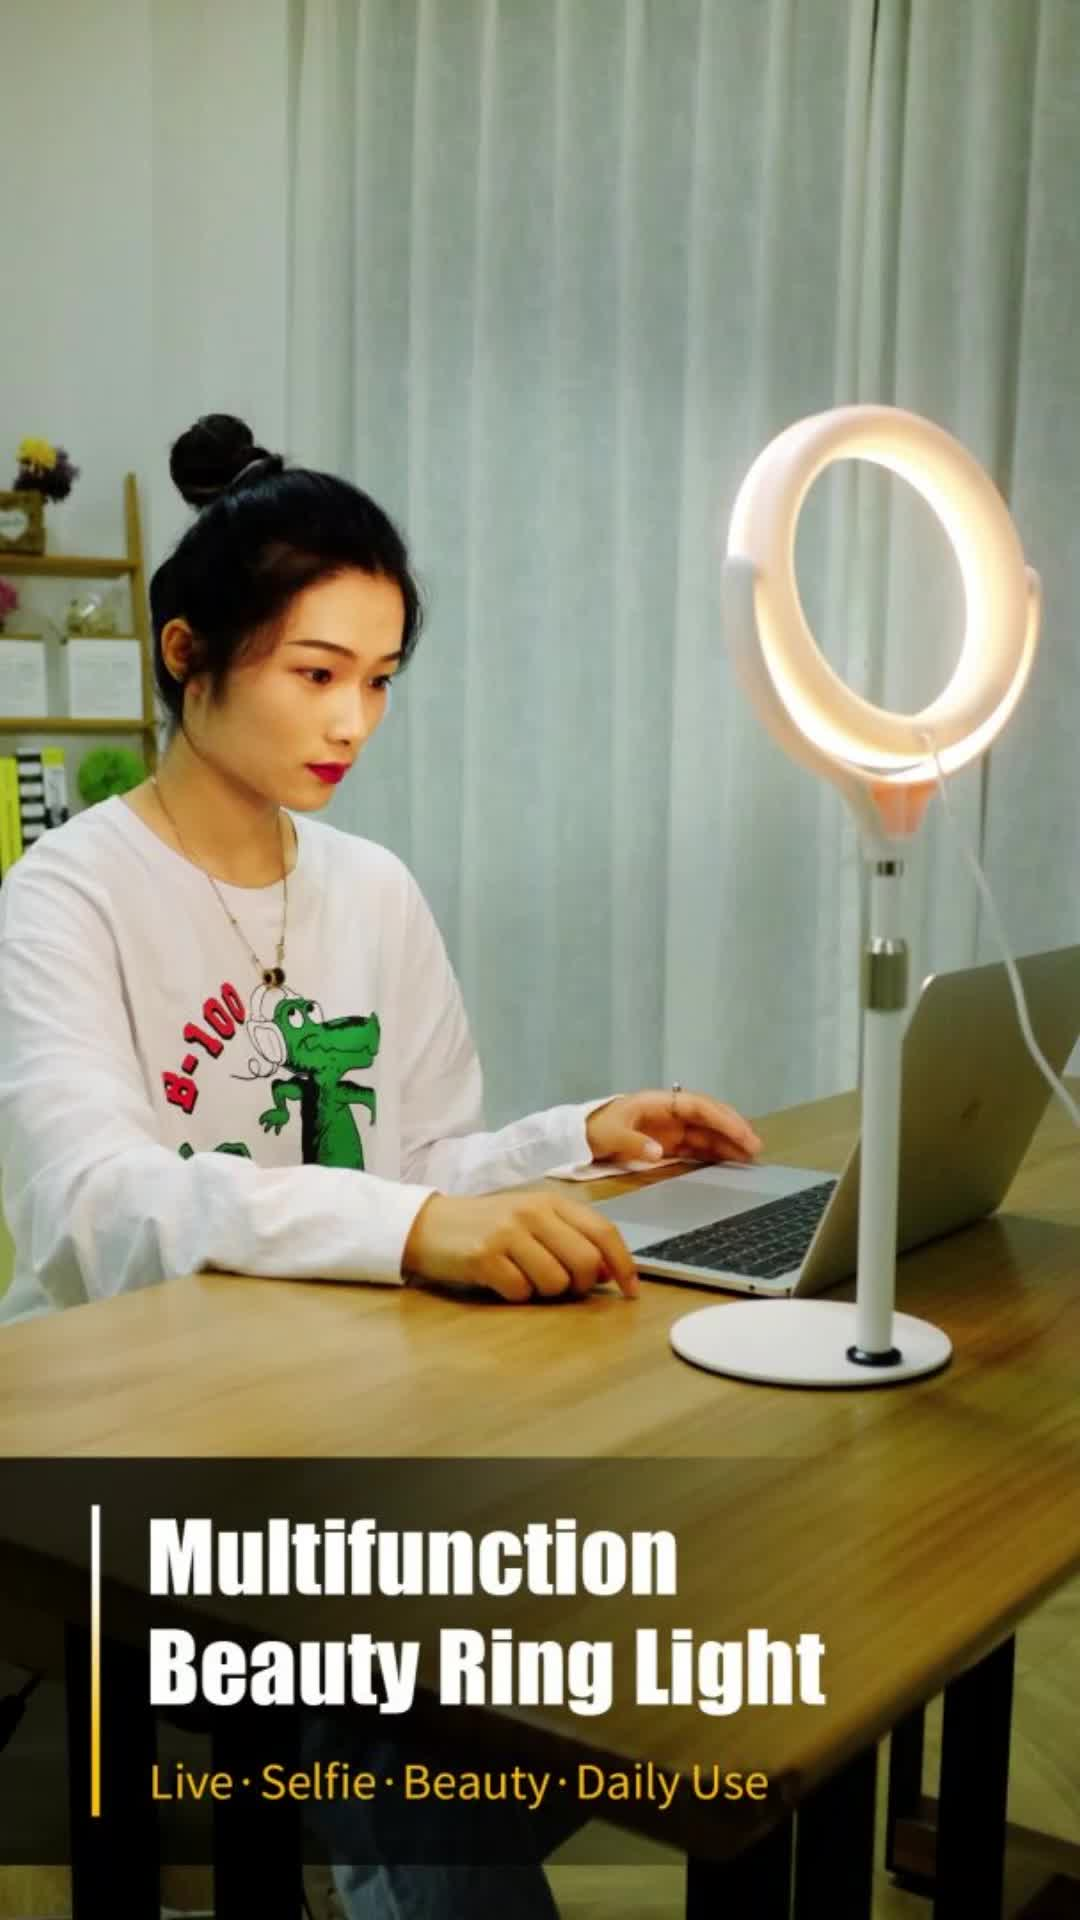 8 इंच अंगूठी प्रकाश स्टैंड के साथ तिपाई फोन धारक स्वफ़ोटो कैमरा फोटोग्राफी के लिए मेकअप वीडियो लाइव स्ट्रीमिंग